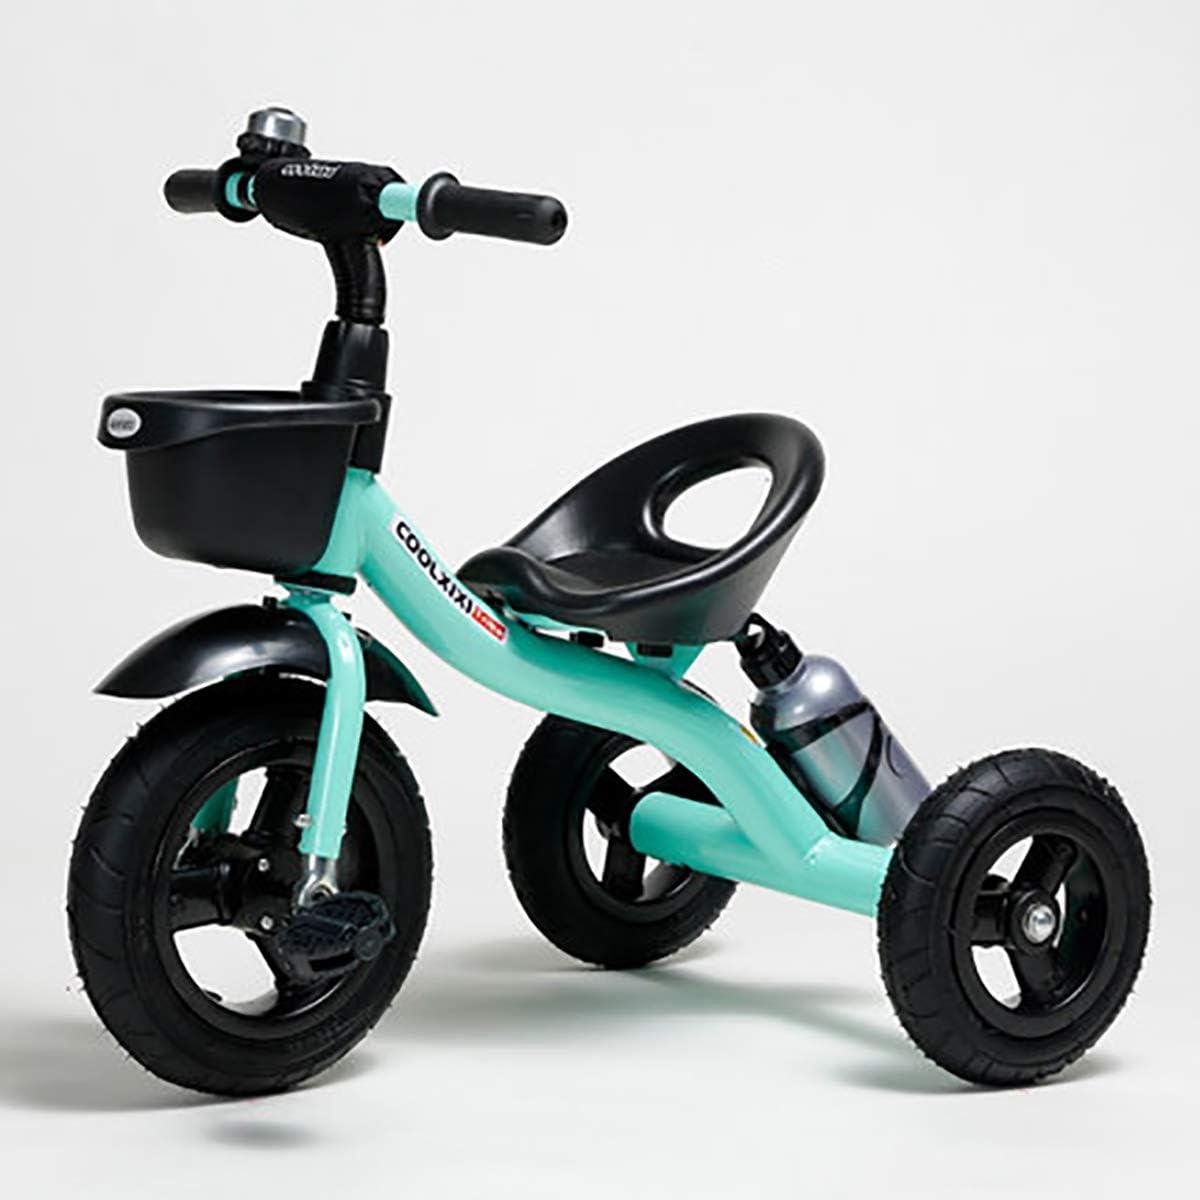 Triciclo Bebe Evolutivo para Niños de 2-6 Años, Trike Bicicleta Plegable con Ruedas de Gomas y Conducción Silenciosa (Tamaño del Cuerpo 90-120CM),Blue